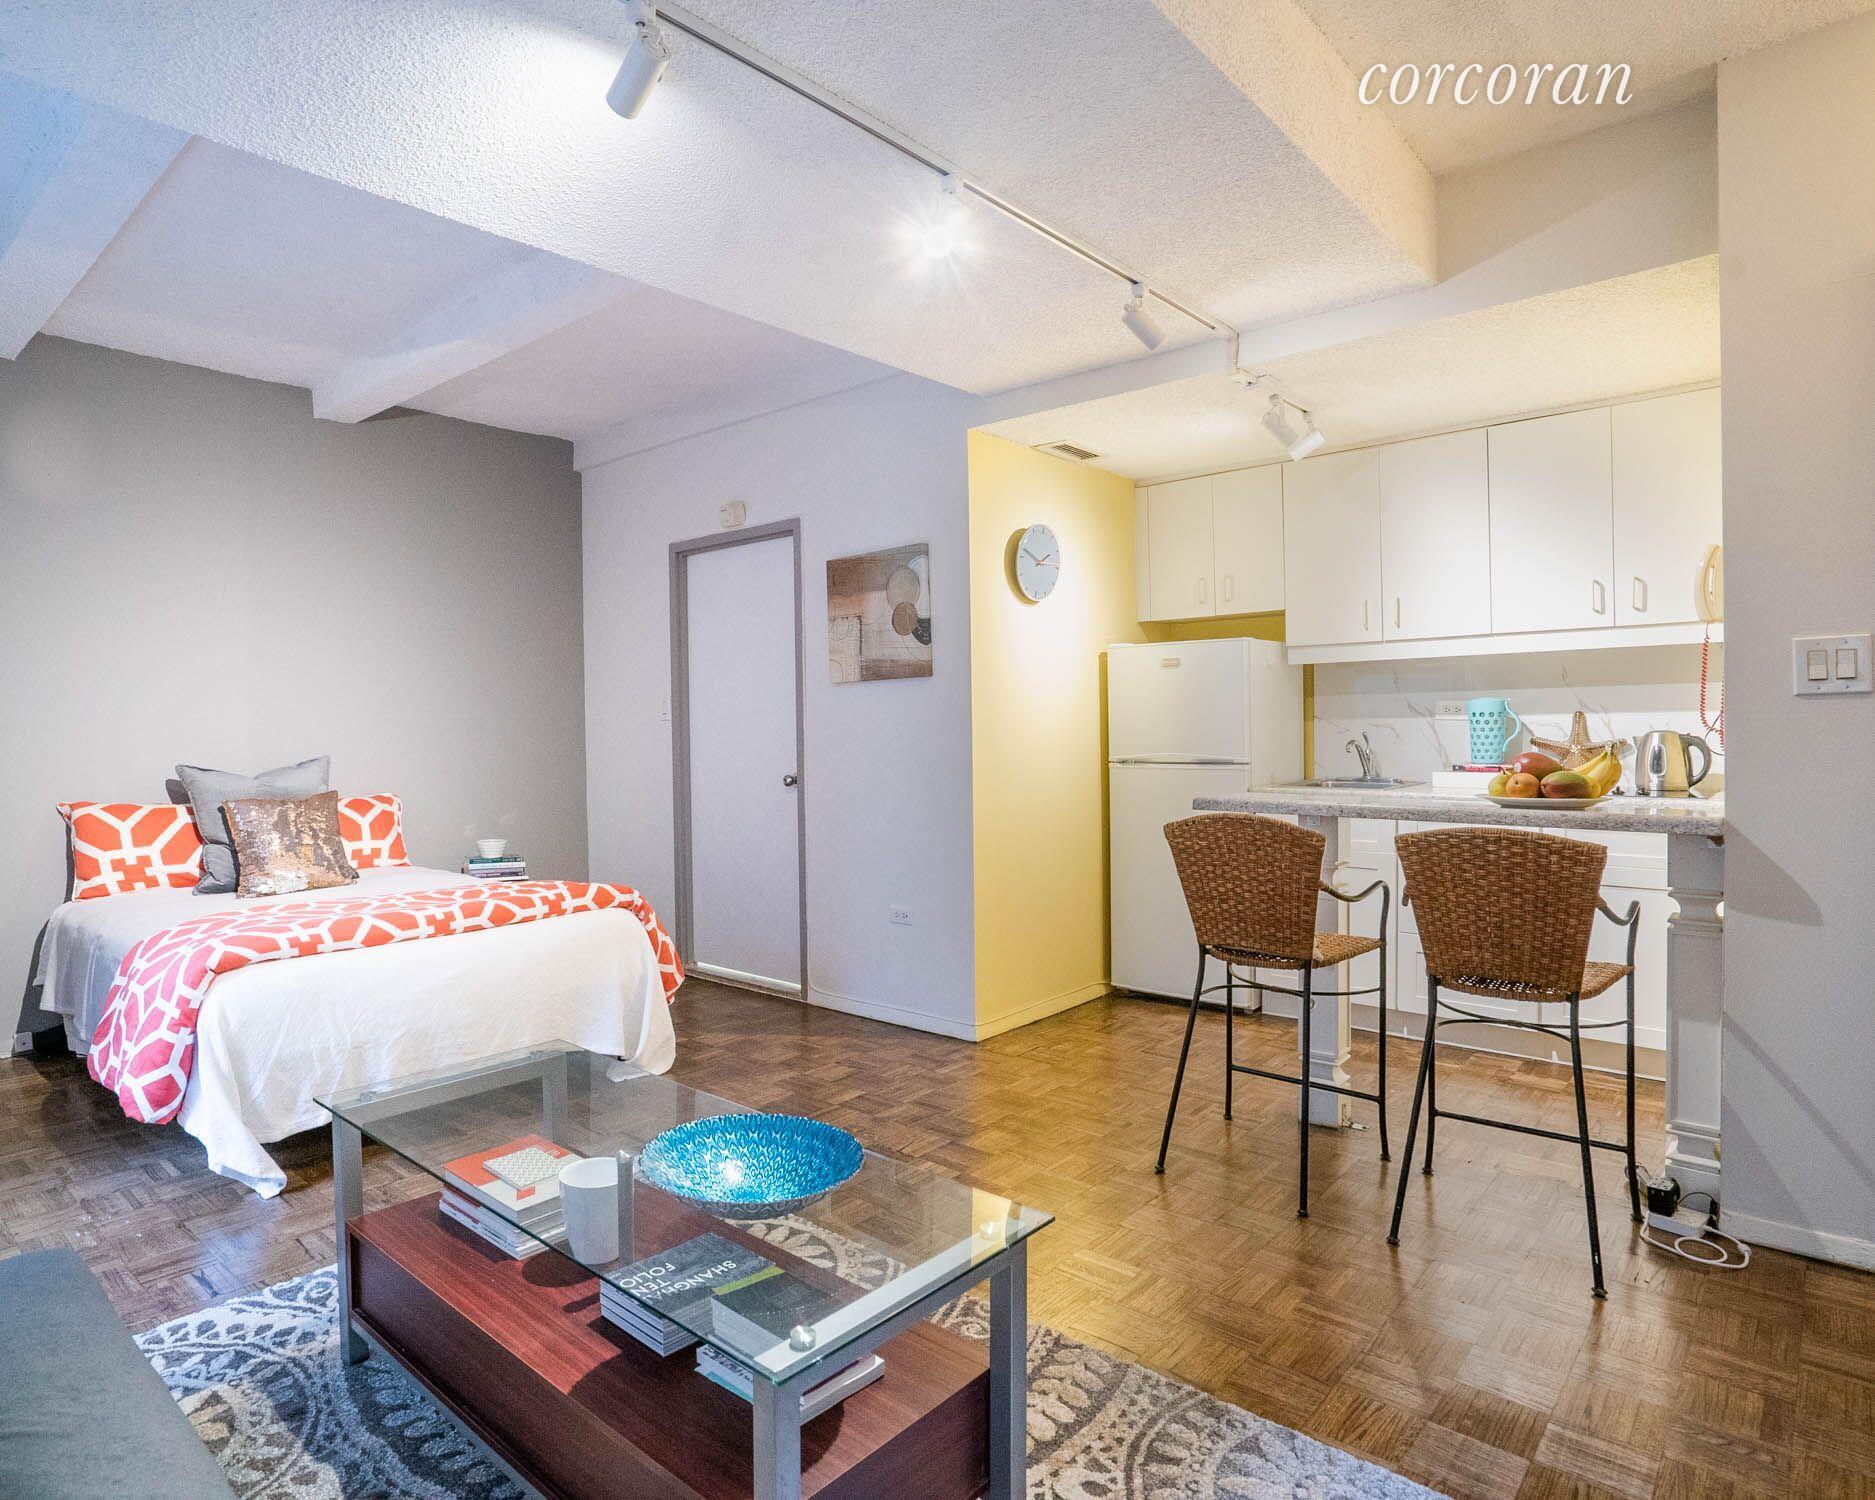 150 West 51st Street, Apt 1703, Manhattan, New York 10019